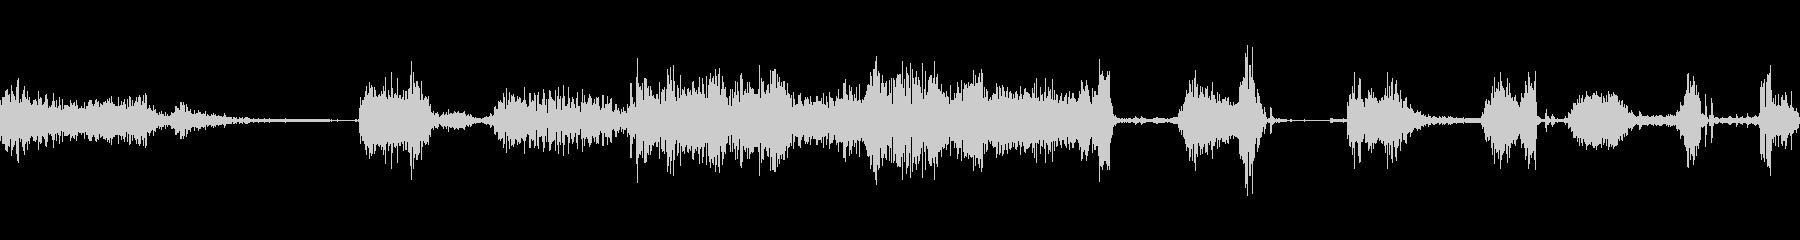 ラジオスキャン2の調整の未再生の波形